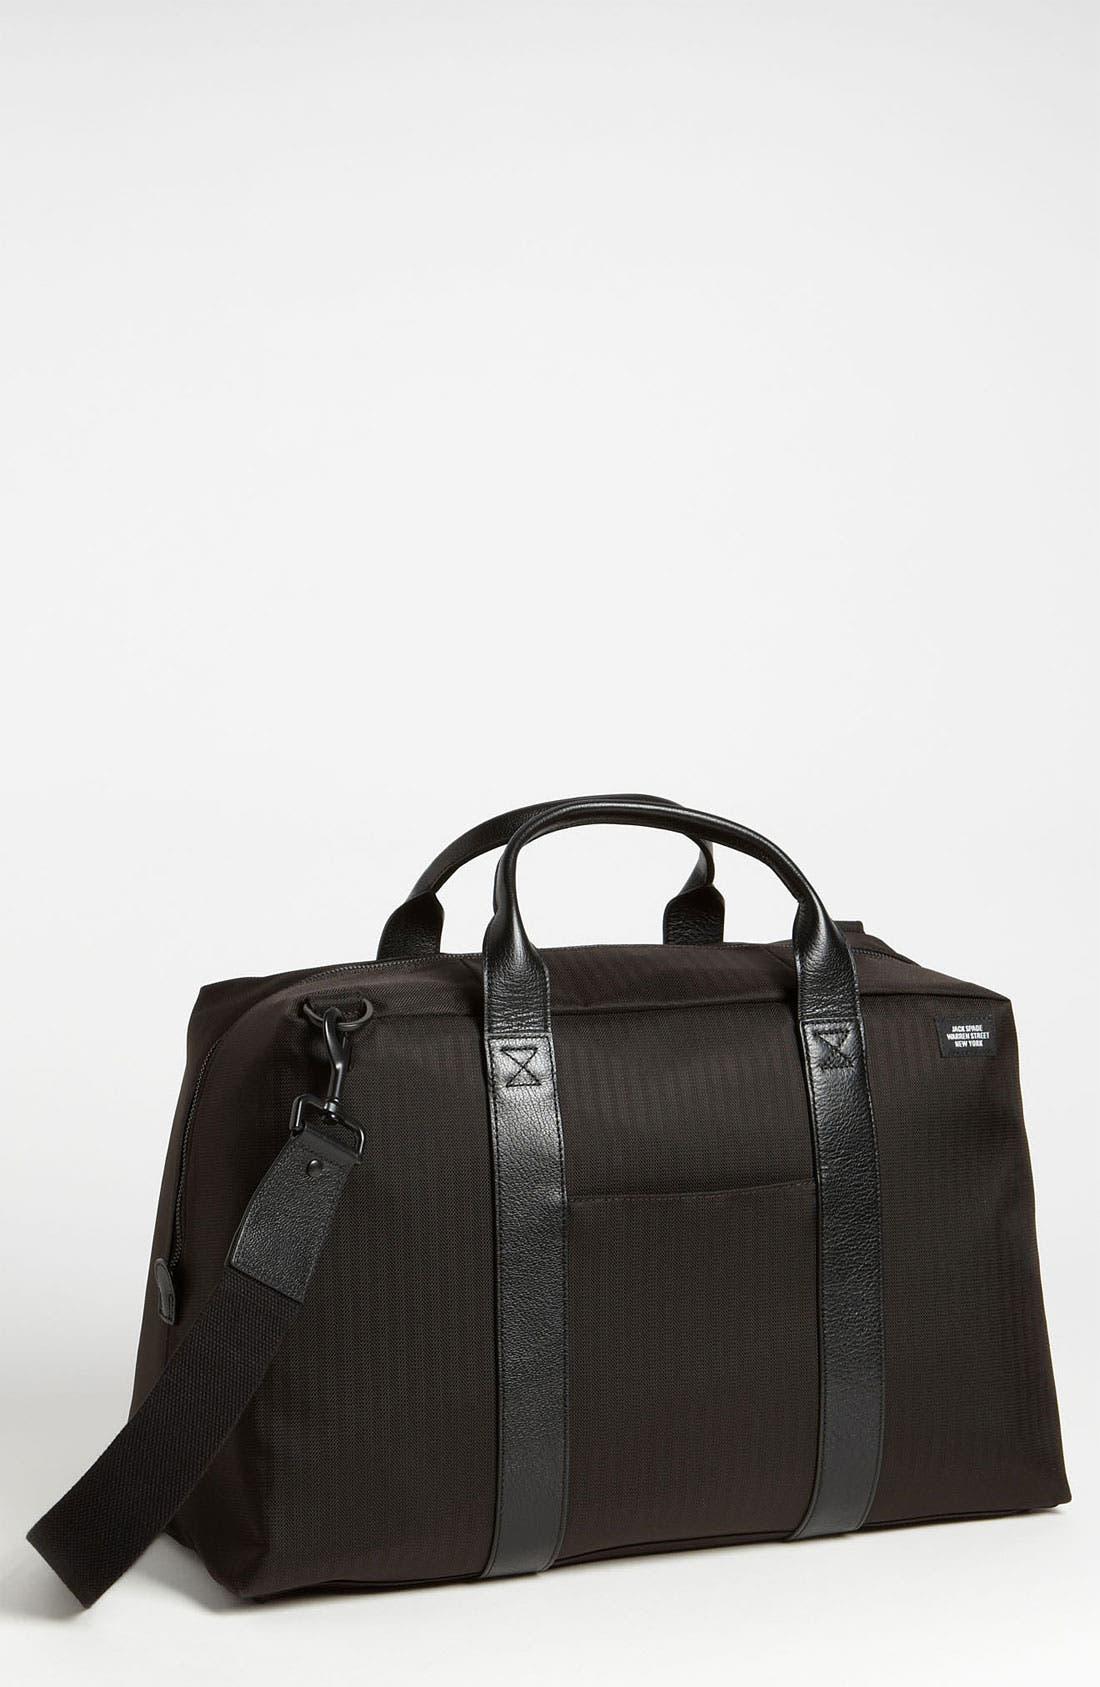 Alternate Image 1 Selected - Jack Spade 'Wayne' Nylon Duffel Bag